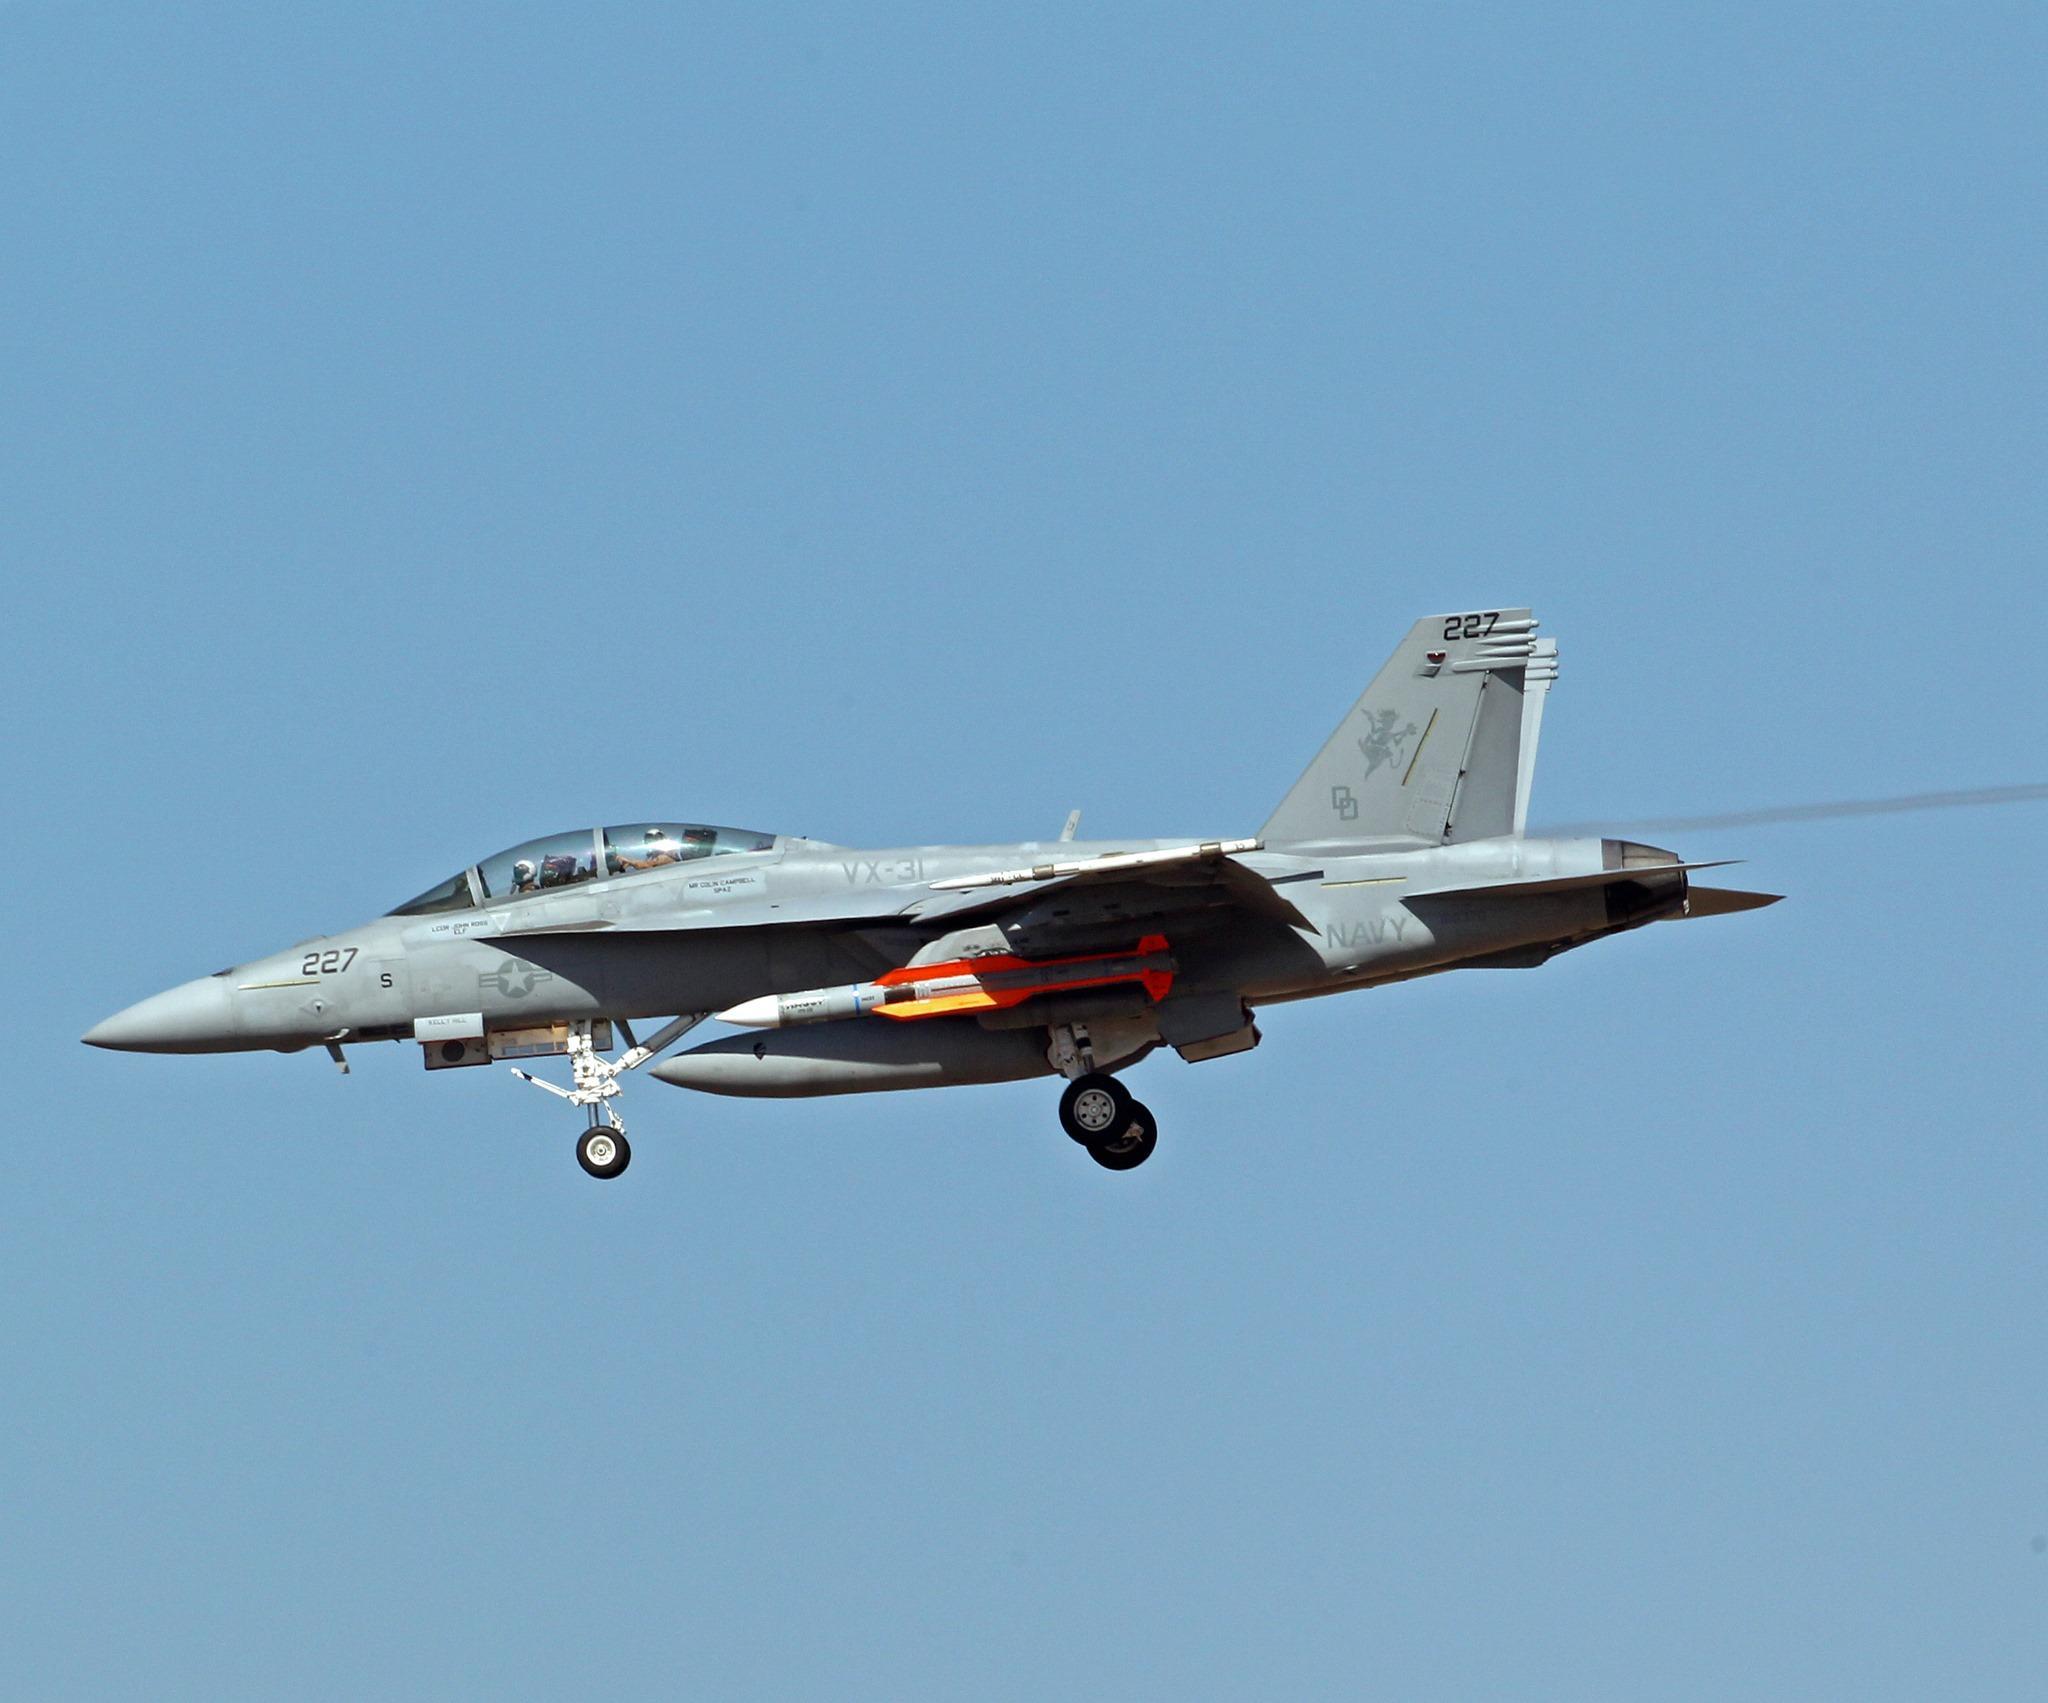 https://aviationweek.com/sites/default/files/styles/crop_freeform/public/2021-04/174113536_10216934427306795_1706156476083338582_n.jpg